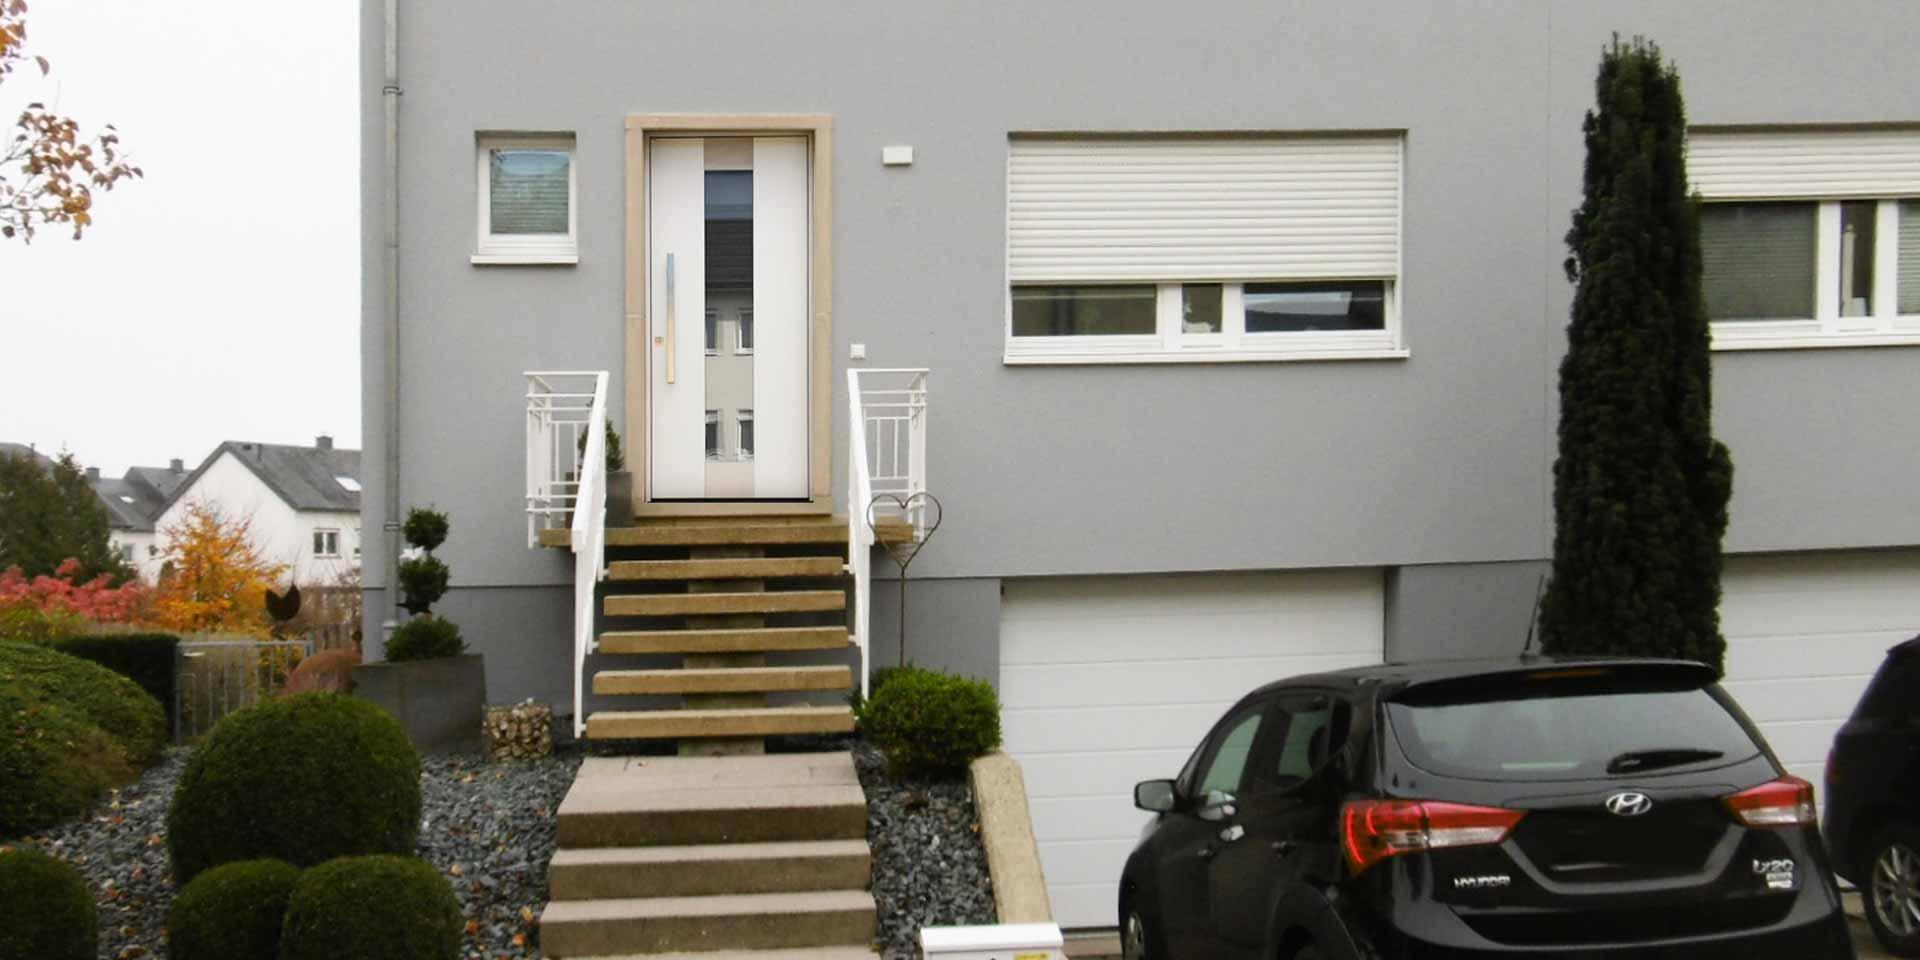 Nahaufnahme des Eingangsbereichs eines grauen Einfamilienhauses mit neuer moderner weißer Coplaning Haustür.